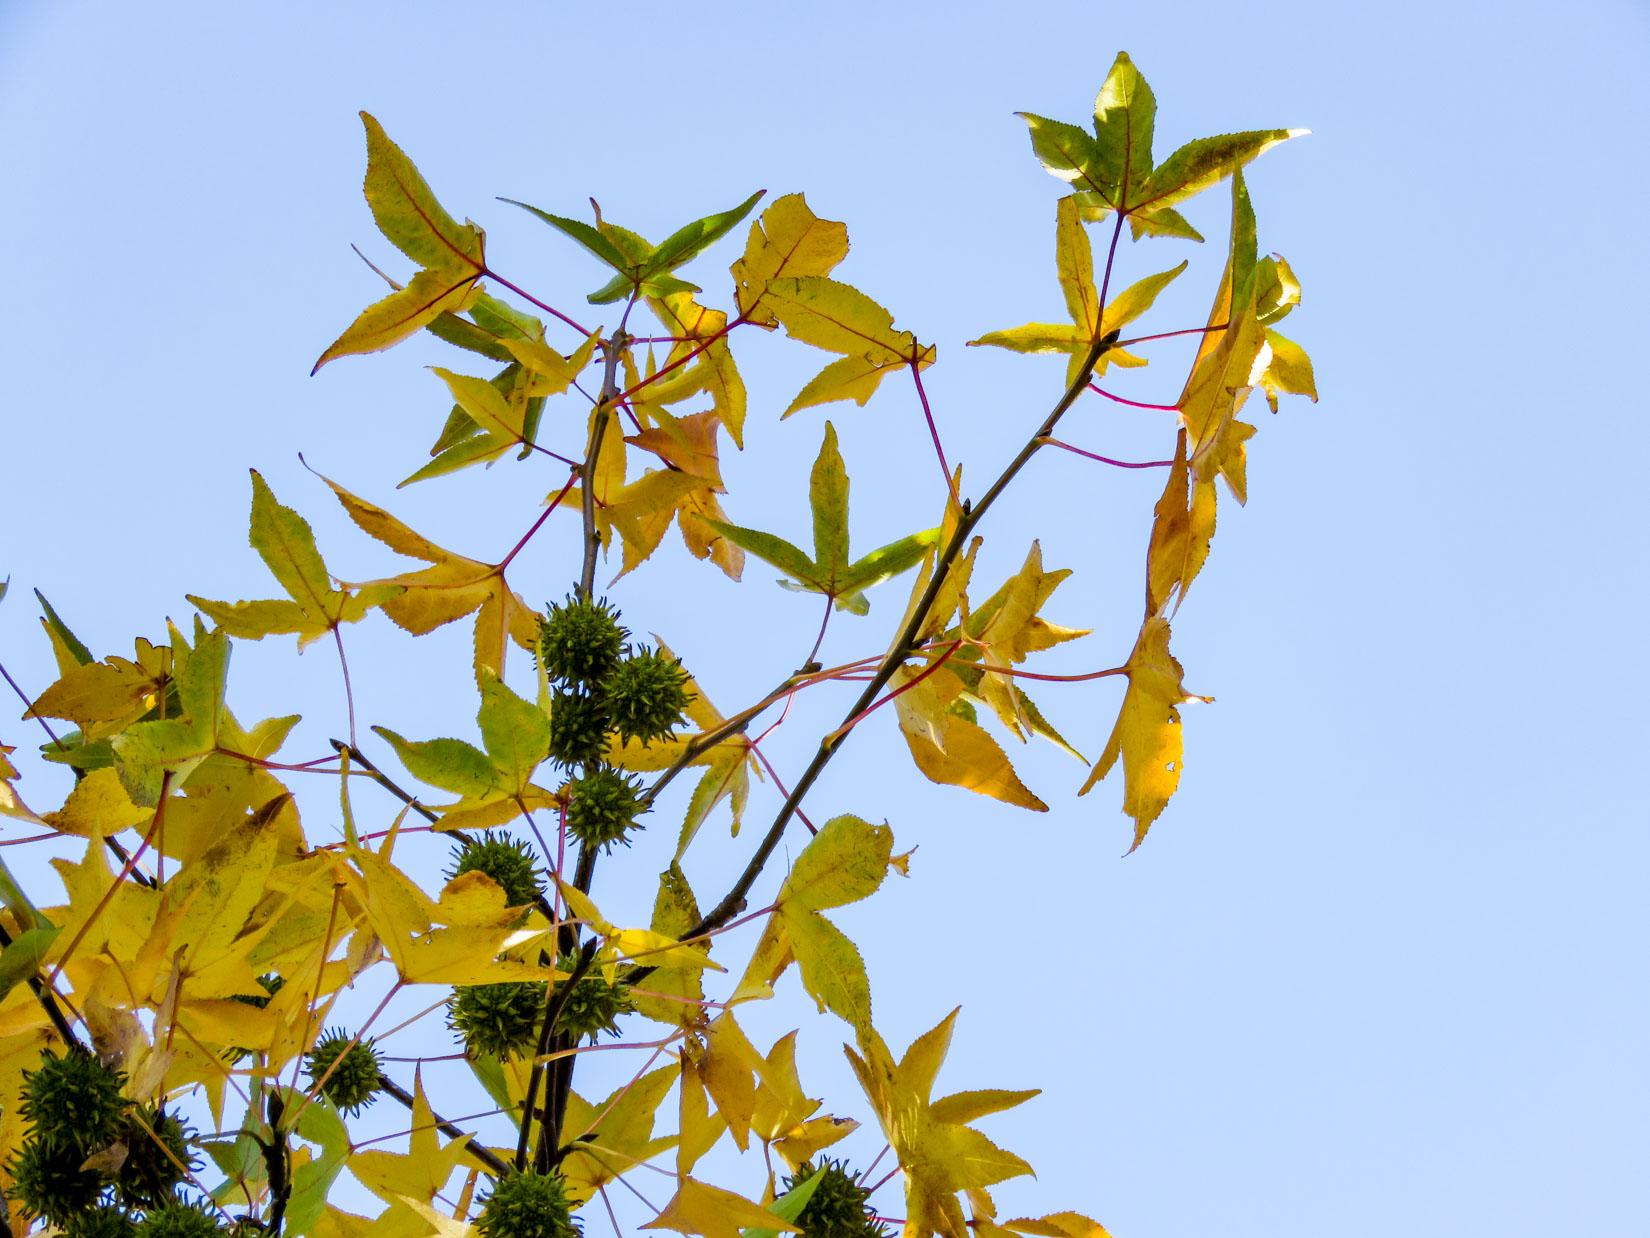 Fall Leaves on Tree